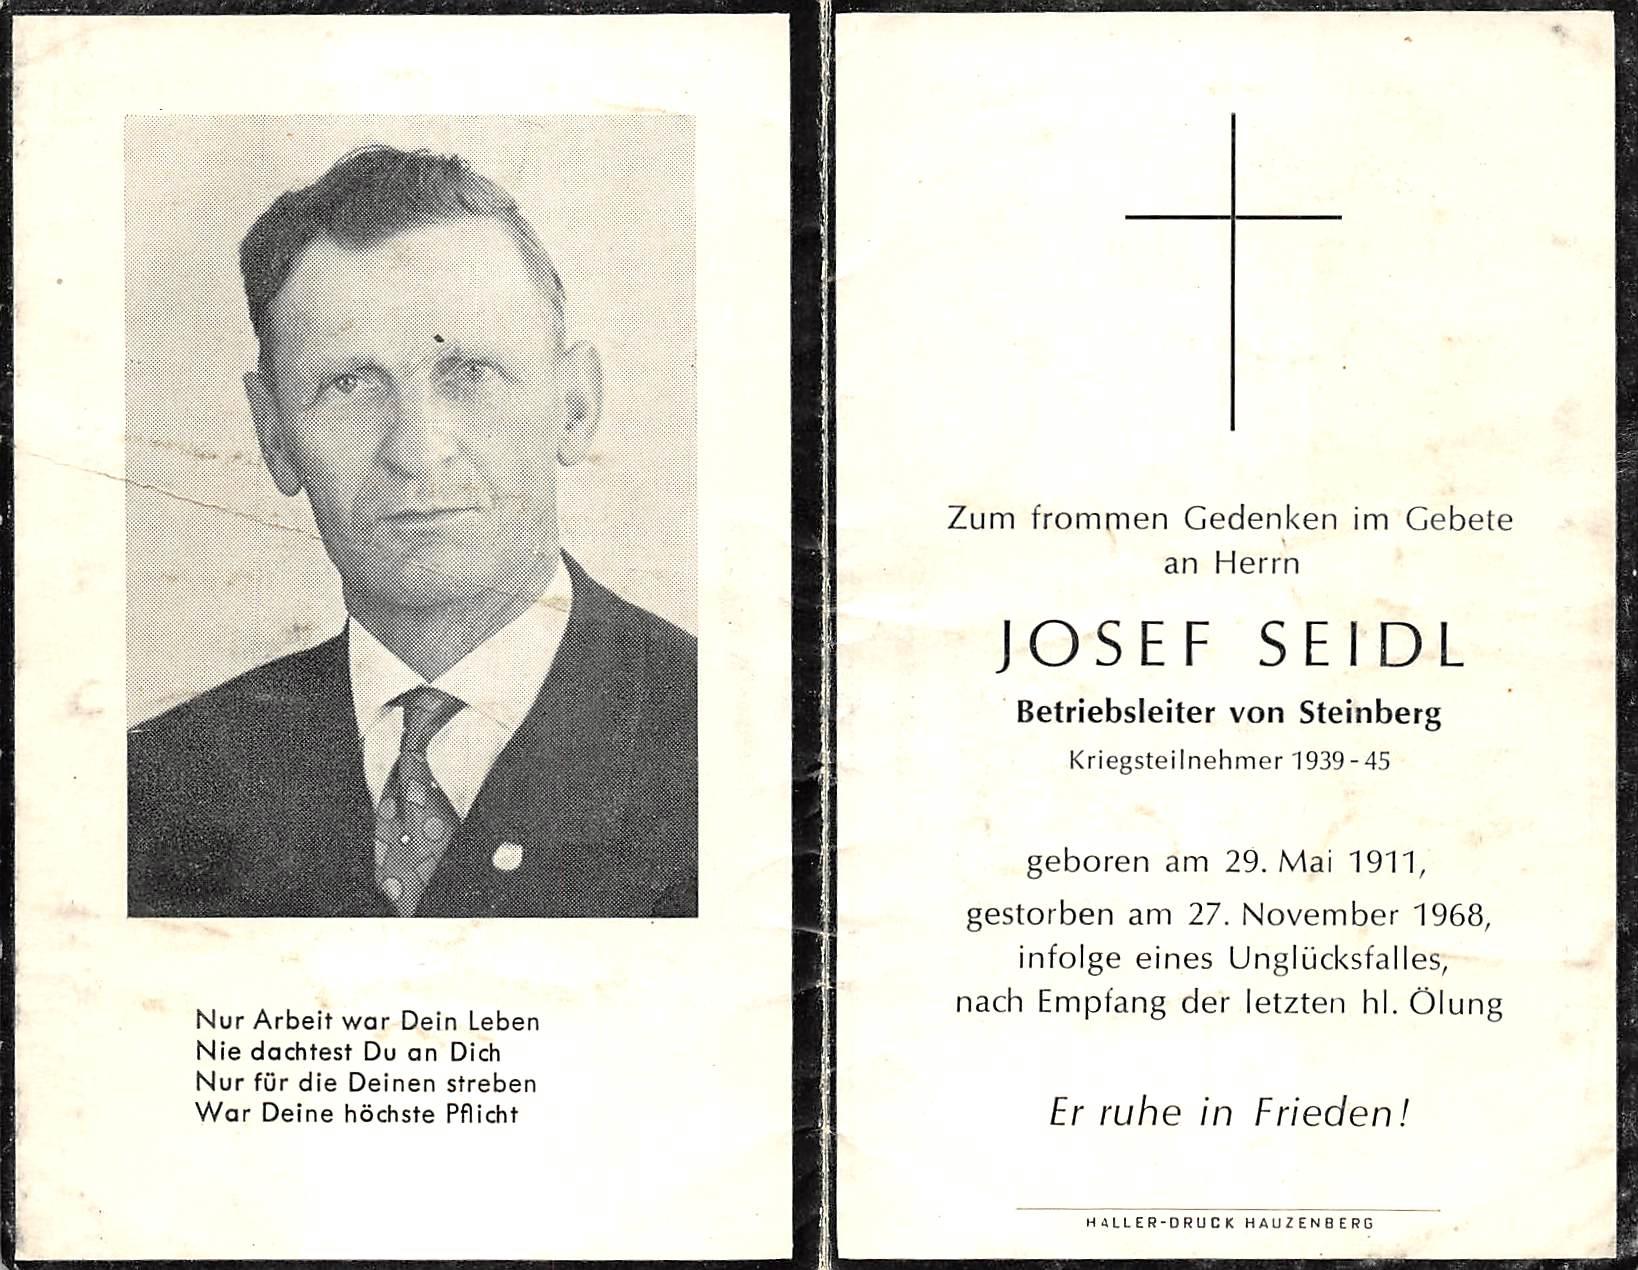 1968-11-27-Seidl-Josef-Steinberg-Betriebsleiter